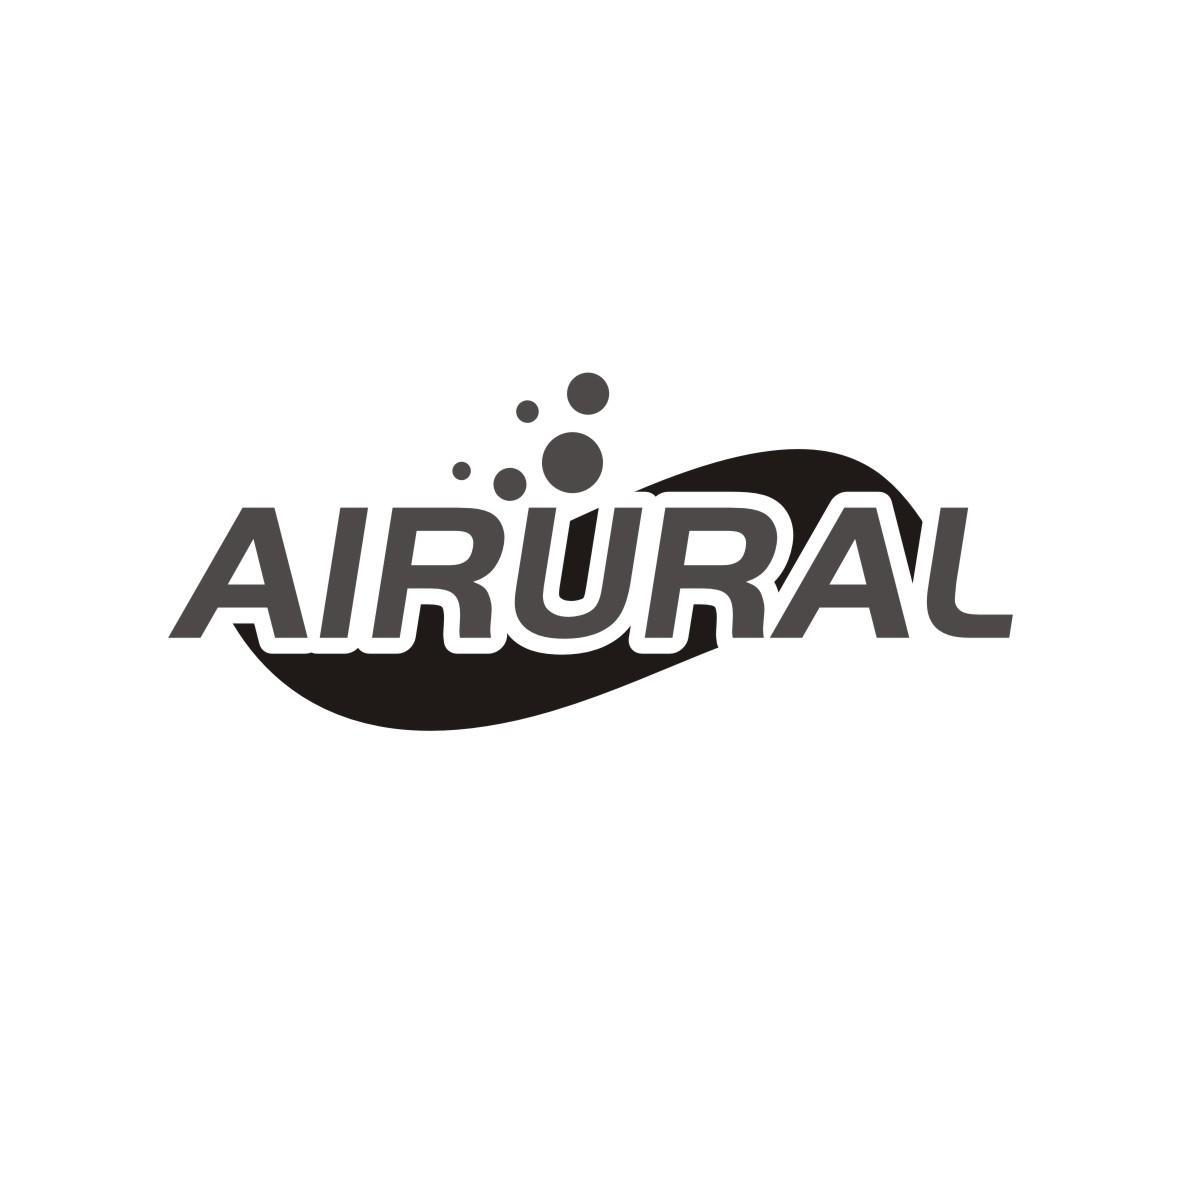 AIRURAL